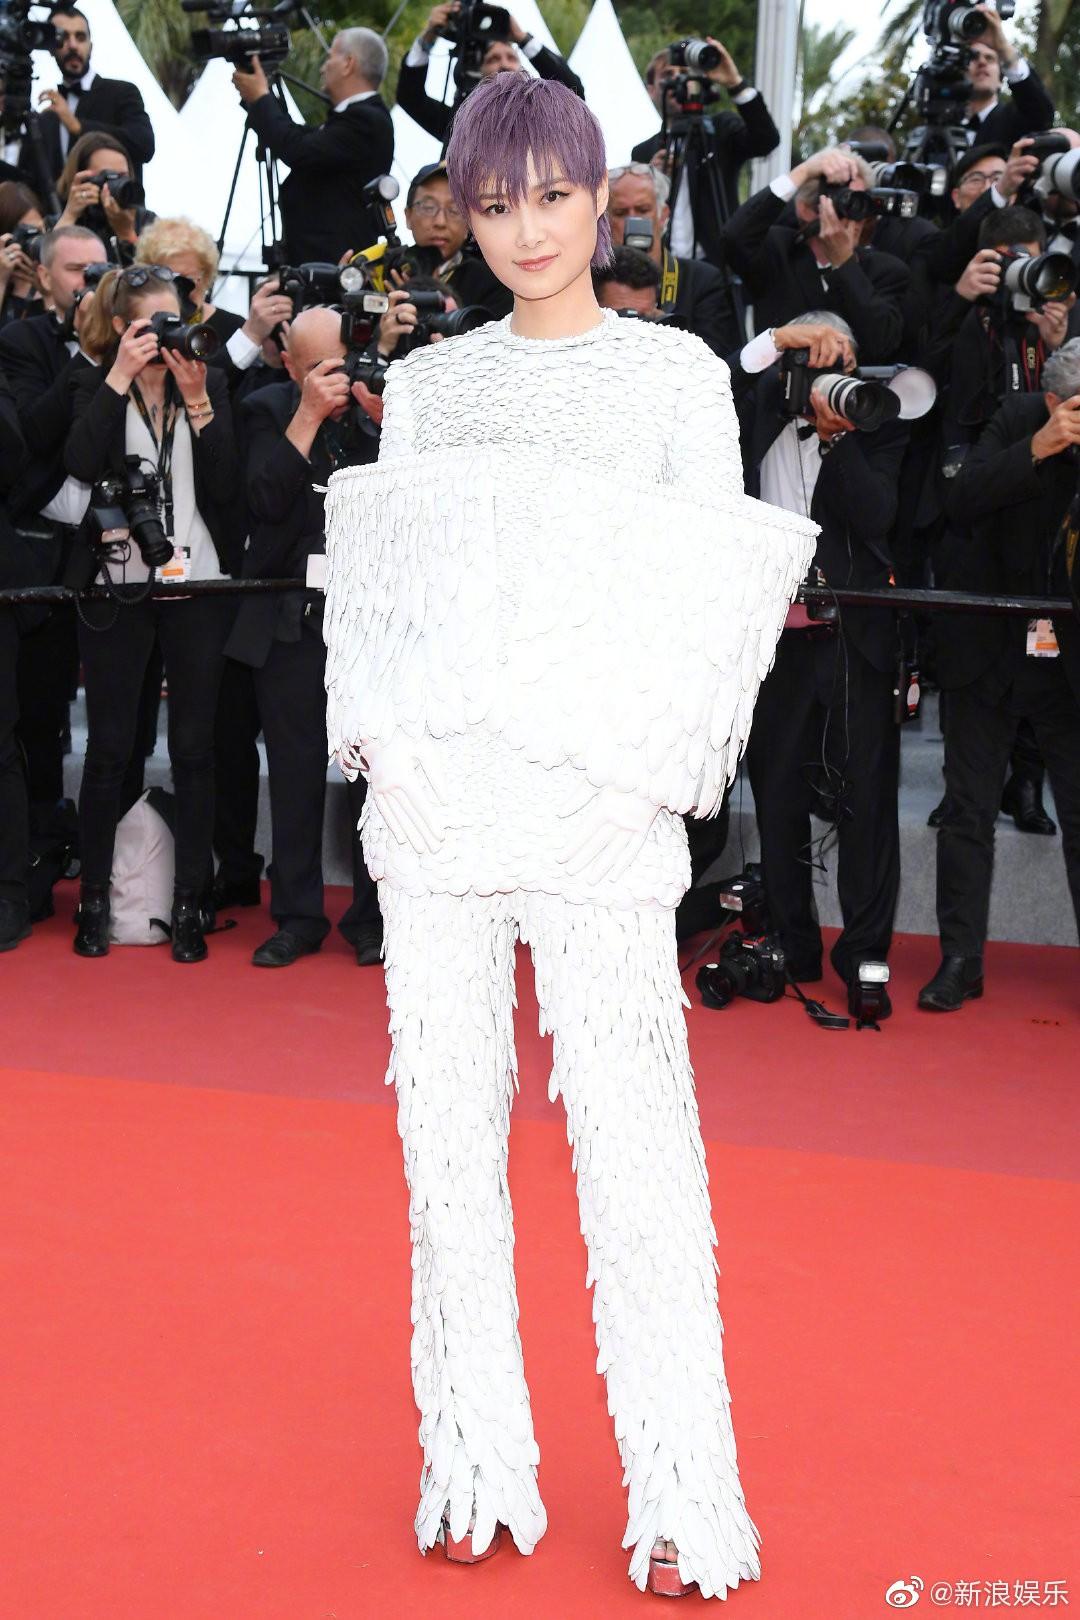 Thảm đỏ Cannes ngày 2: Thiên thần Victorias Secret suýt lộ hàng, Phạm Băng Băng Thái Lan xinh như tiên tử - Ảnh 27.